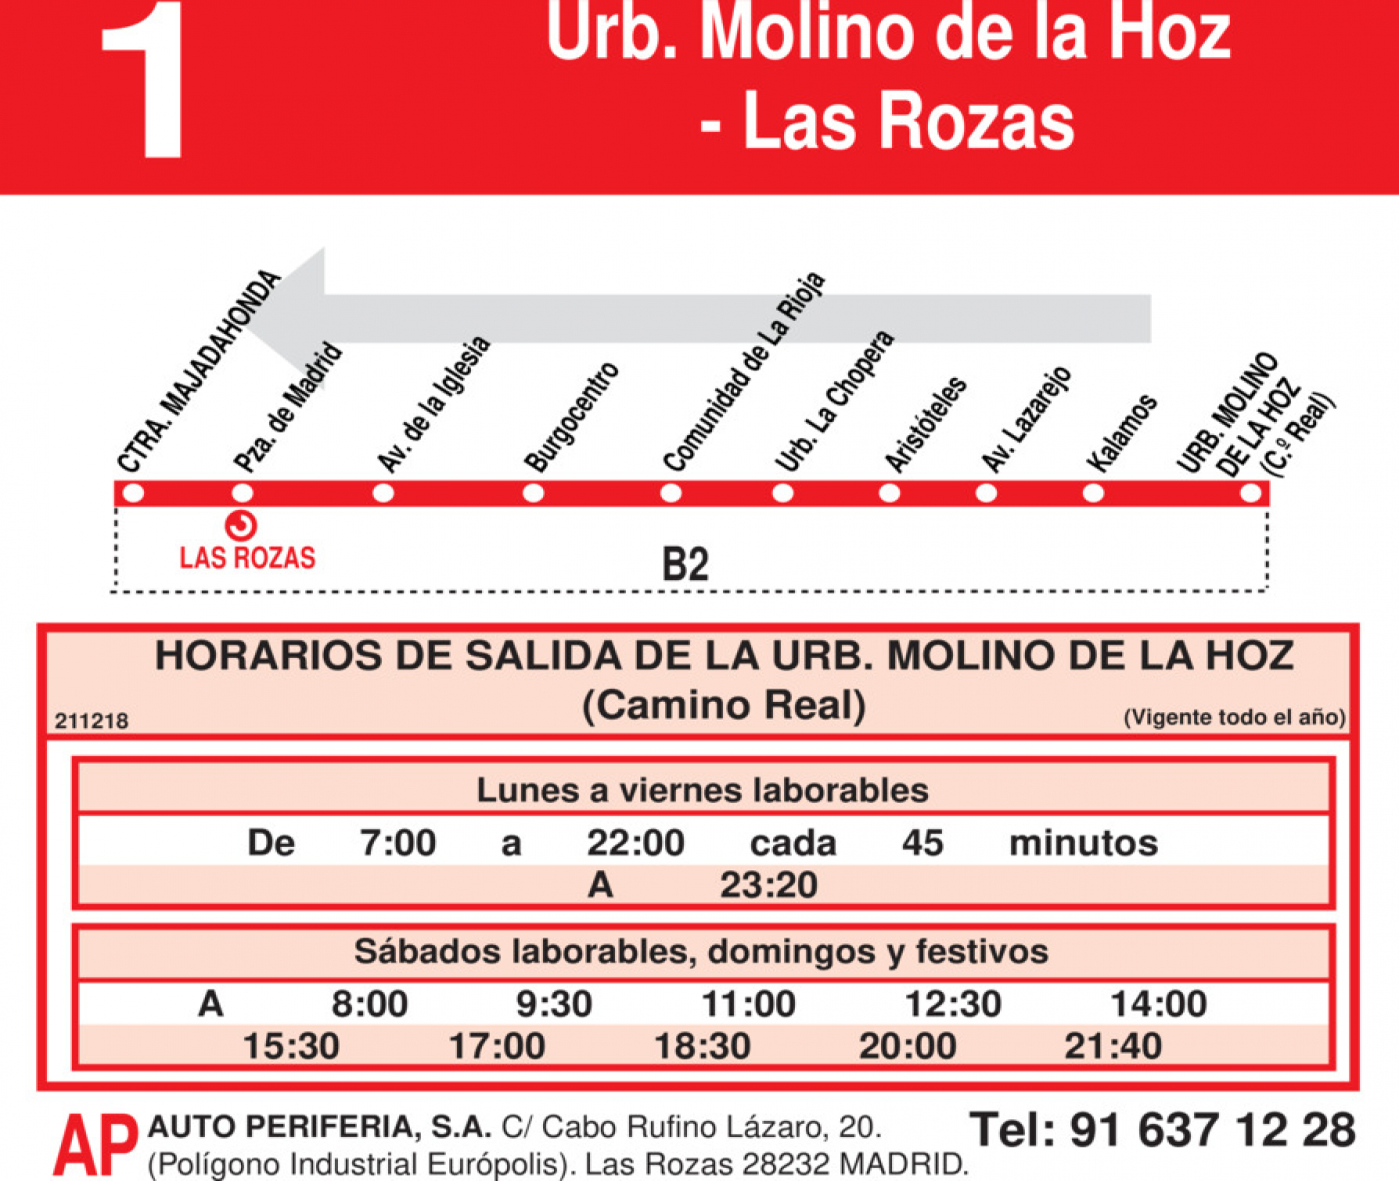 Tabla de horarios y frecuencias de paso en sentido vuelta Línea L-1 Las Rozas: Las Rozas - Urbanización Molino de la Hoz